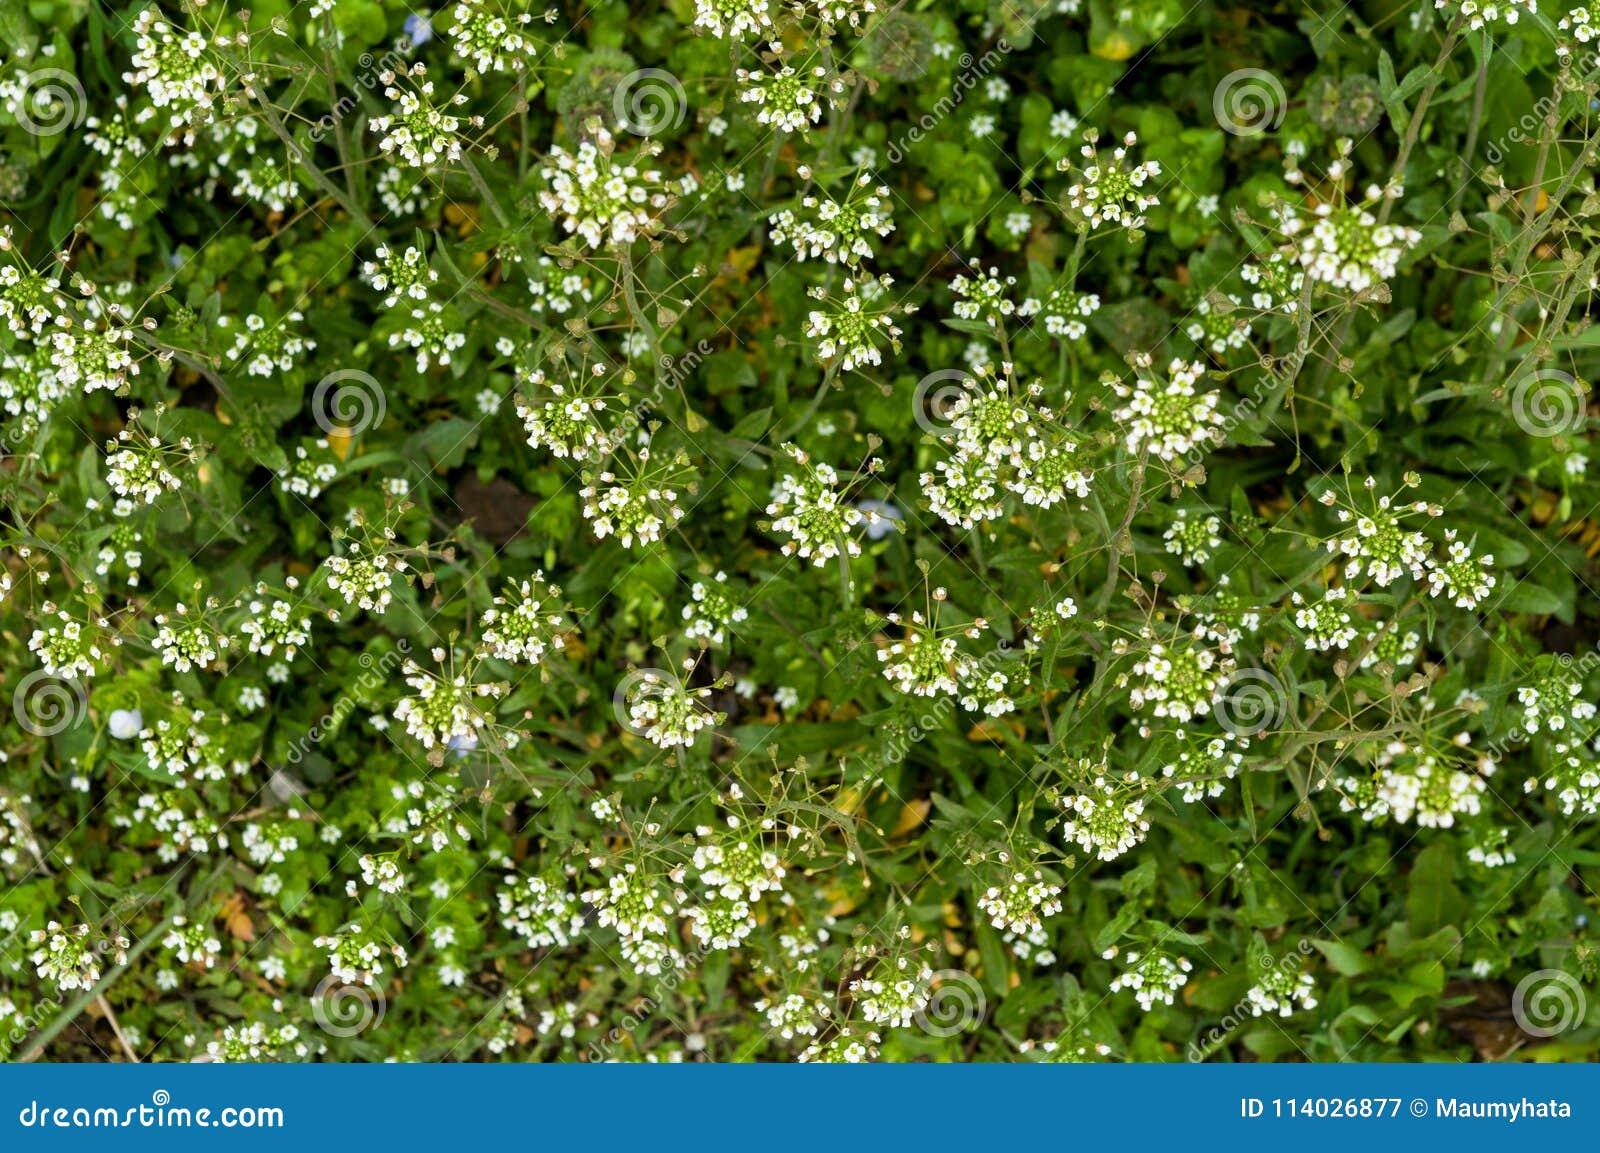 Green white flower weed grass shepherds purse stock image image of green white flower weed grass shepherds purse mightylinksfo